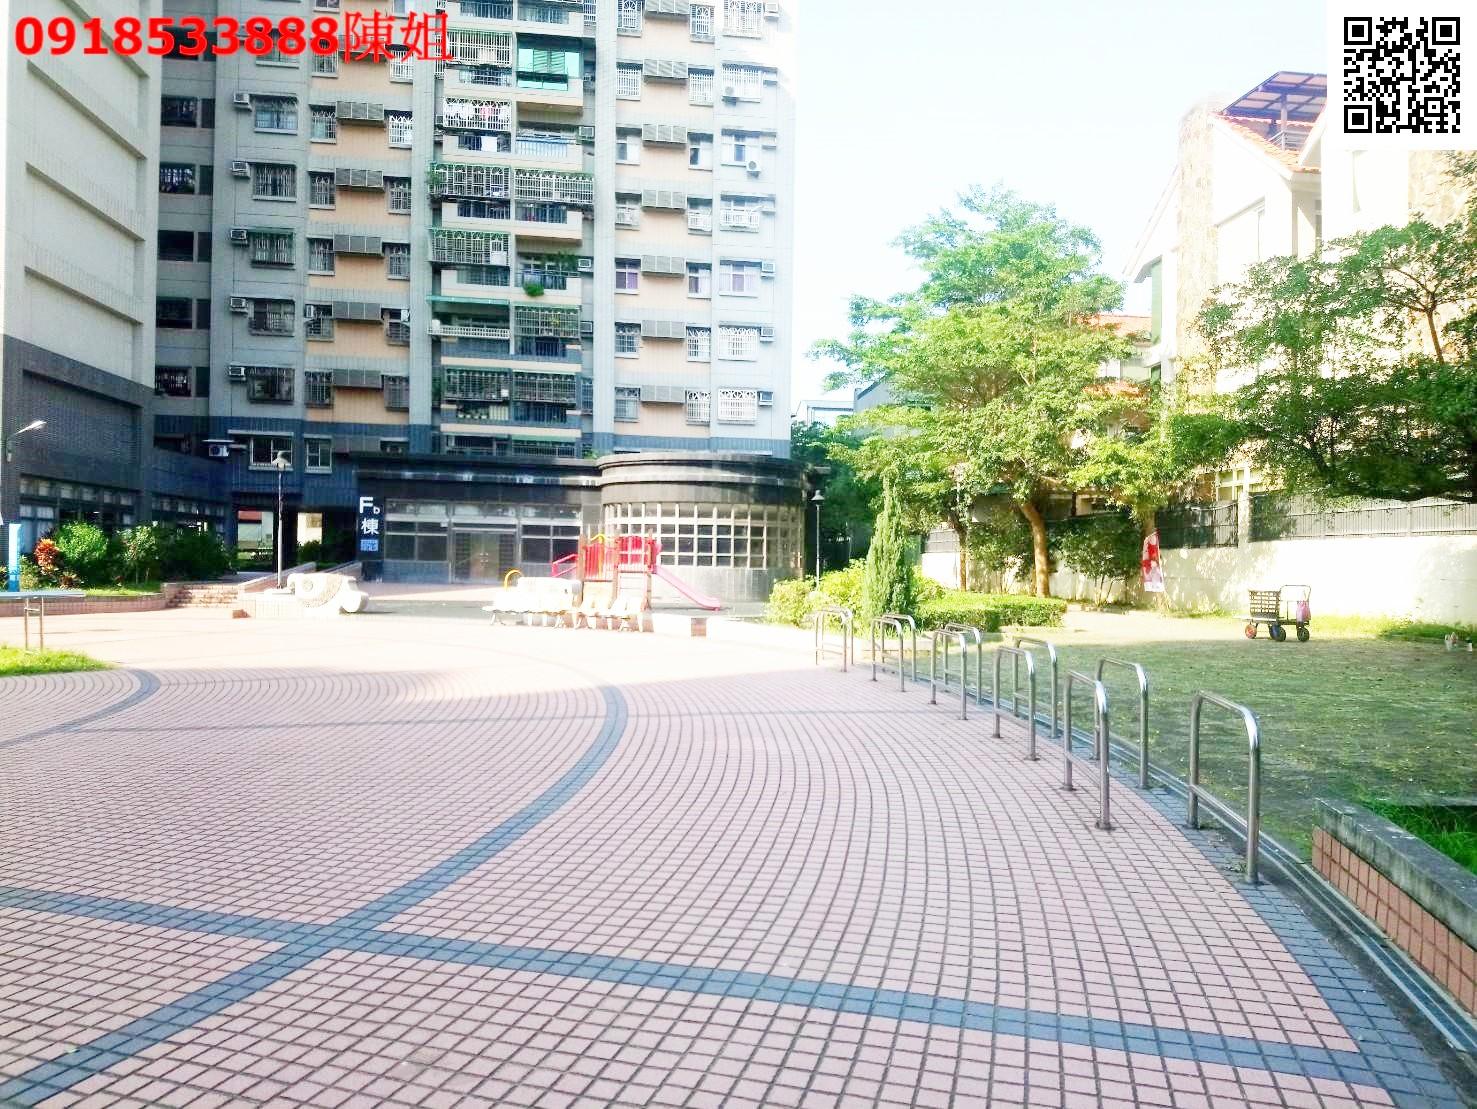 嘉義市東區林森東路精忠新城3房華廈 有平面車位中庭花園